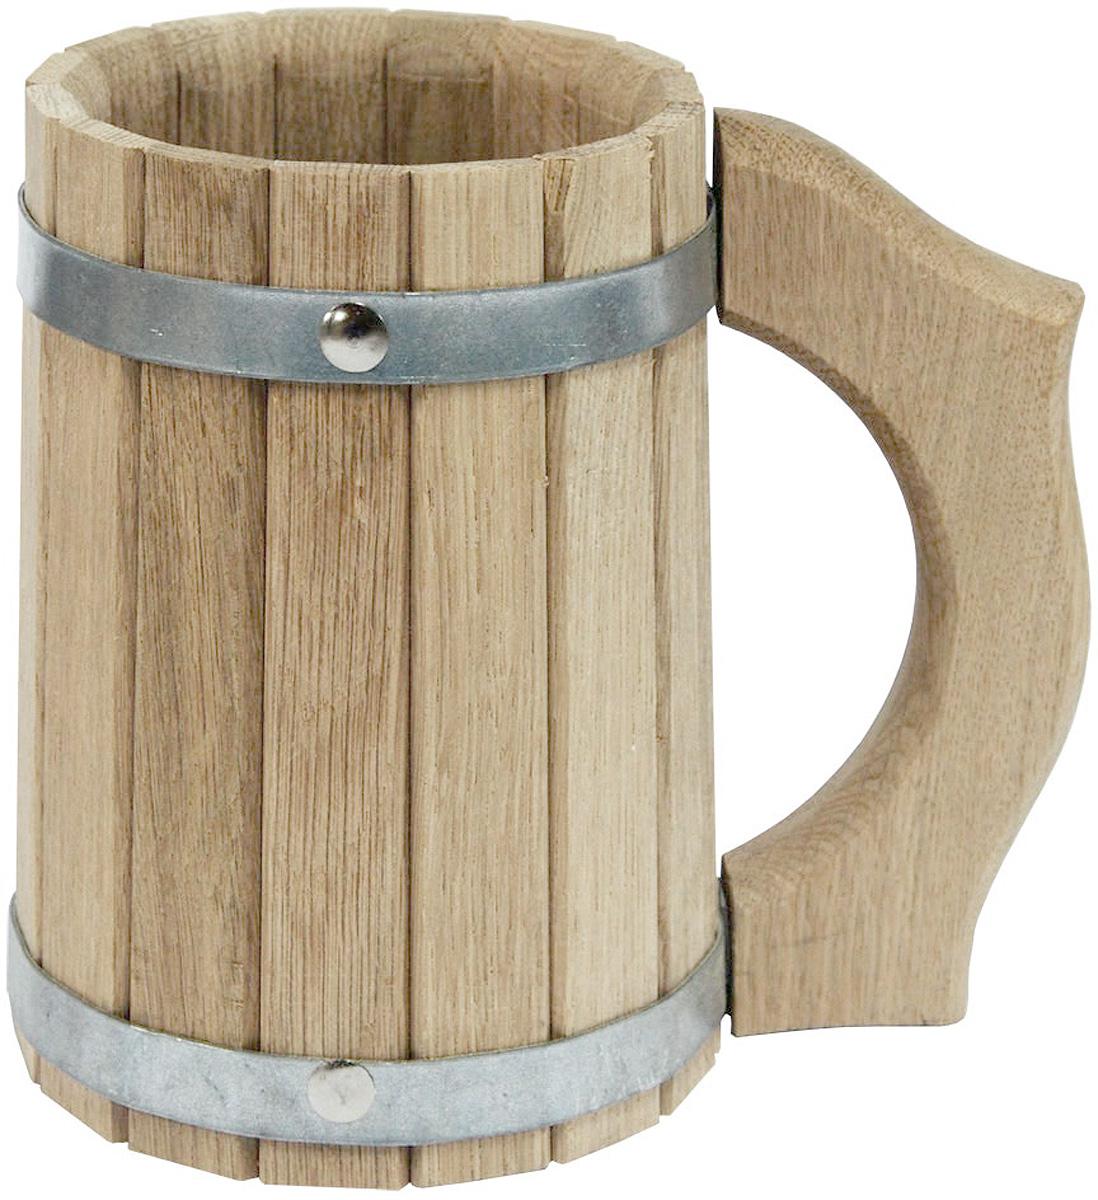 Кружка для бани и сауны Proffi Sauna, 1 лPS0049Кружка Proffi Sauna выполнена из натурального дуба с двумя металлическими обручами и резной ручкой. Она просто незаменима для подачи напитков, приготовления отваров из трав и ароматических масел, также подходит для декора или в качестве сувенира.Эксплуатация бондарных изделий. Перед первым использованием бондарное изделие рекомендуется подготовить. Для этого нужно наполнить изделие холодной водой и оставить наполненным на 2-3 часа. Затем необходимо воду слить, обдать изделие сначала горячей, потом холодной водой.Не рекомендуется оставлять бондарные изделия около нагревательных приборов, а также под длительным воздействием прямых солнечных лучей.С момента начала использования бондарного изделия не рекомендуется оставлять его без воды на срок более 1 недели. Но и продолжительное время хранить в таких изделиях воду тоже не следует.После каждого использования необходимо вымыть и ошпарить изделие кипятком. В качестве моющих средств желательно использовать пищевую соду либо раствор горчичного порошка.Правильное обращение с бондарными изделиями позволит надолго сохранить их эксплуатационные свойства и продлить срок использования! .Объем кружки: 1 л. Диаметр по верхнему краю: 10,5 см. Высота стенки: 16 см. Длина ручки: 14 см.